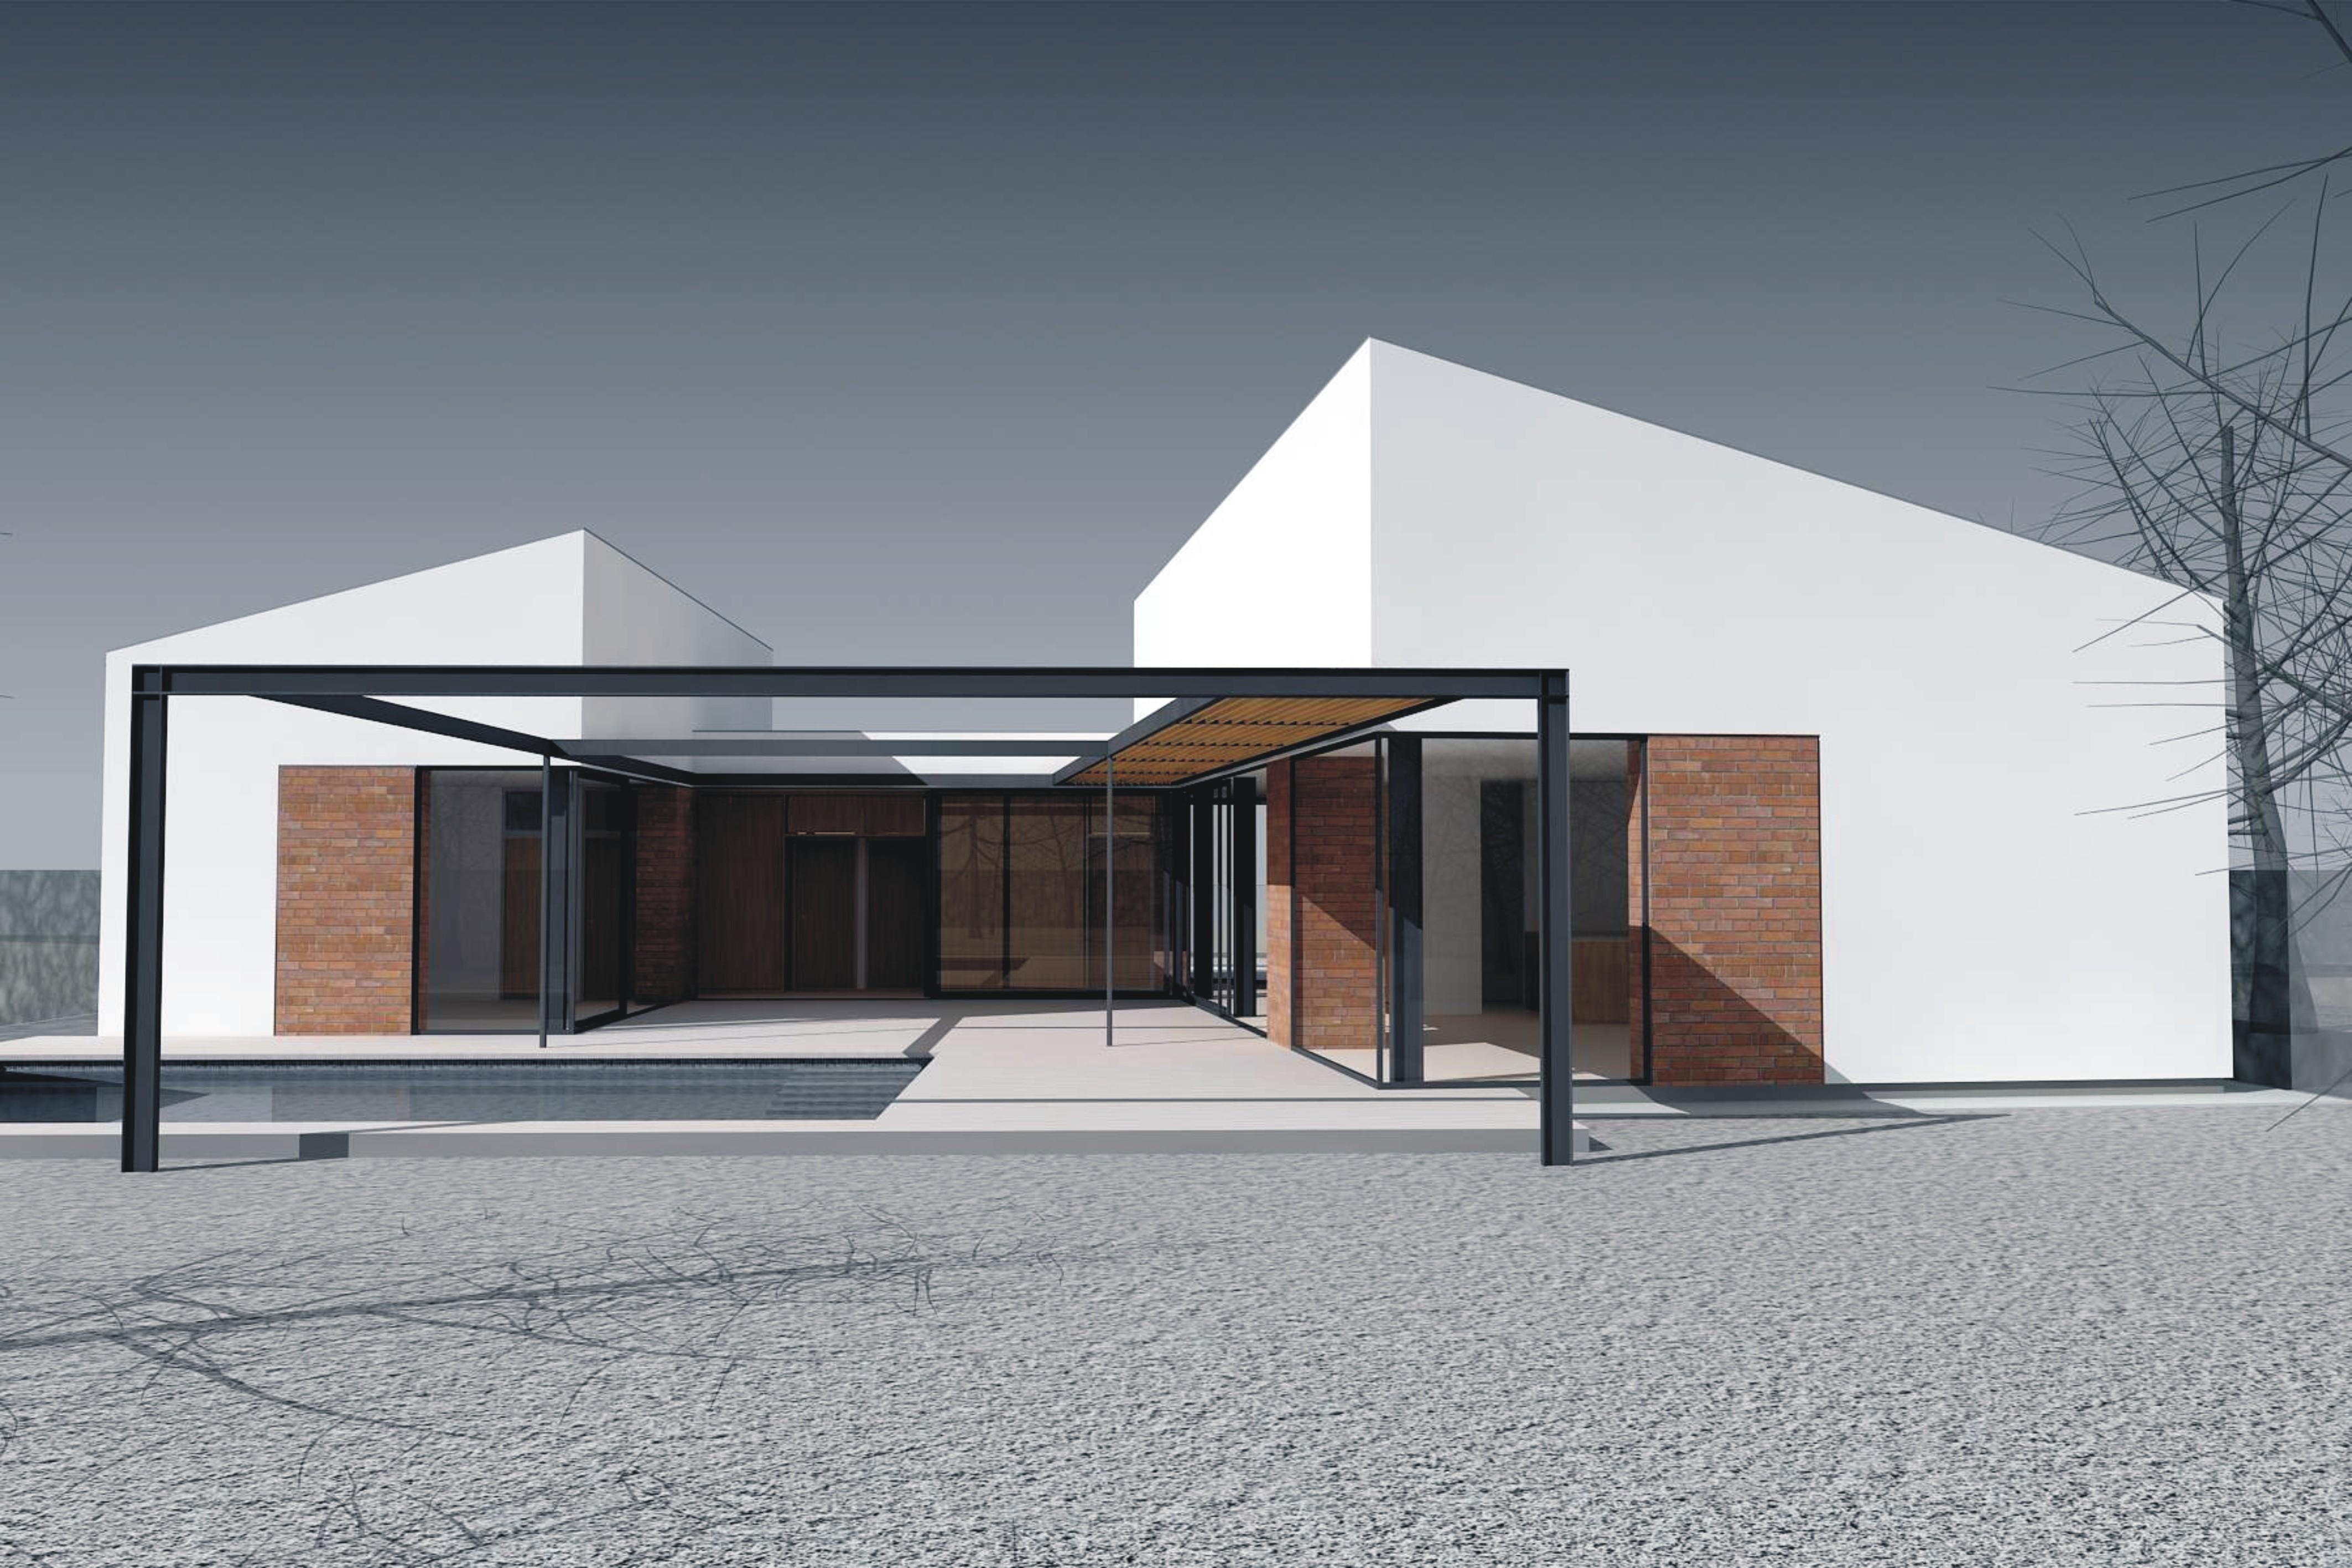 Projekt stavby rodinného domu IX 03